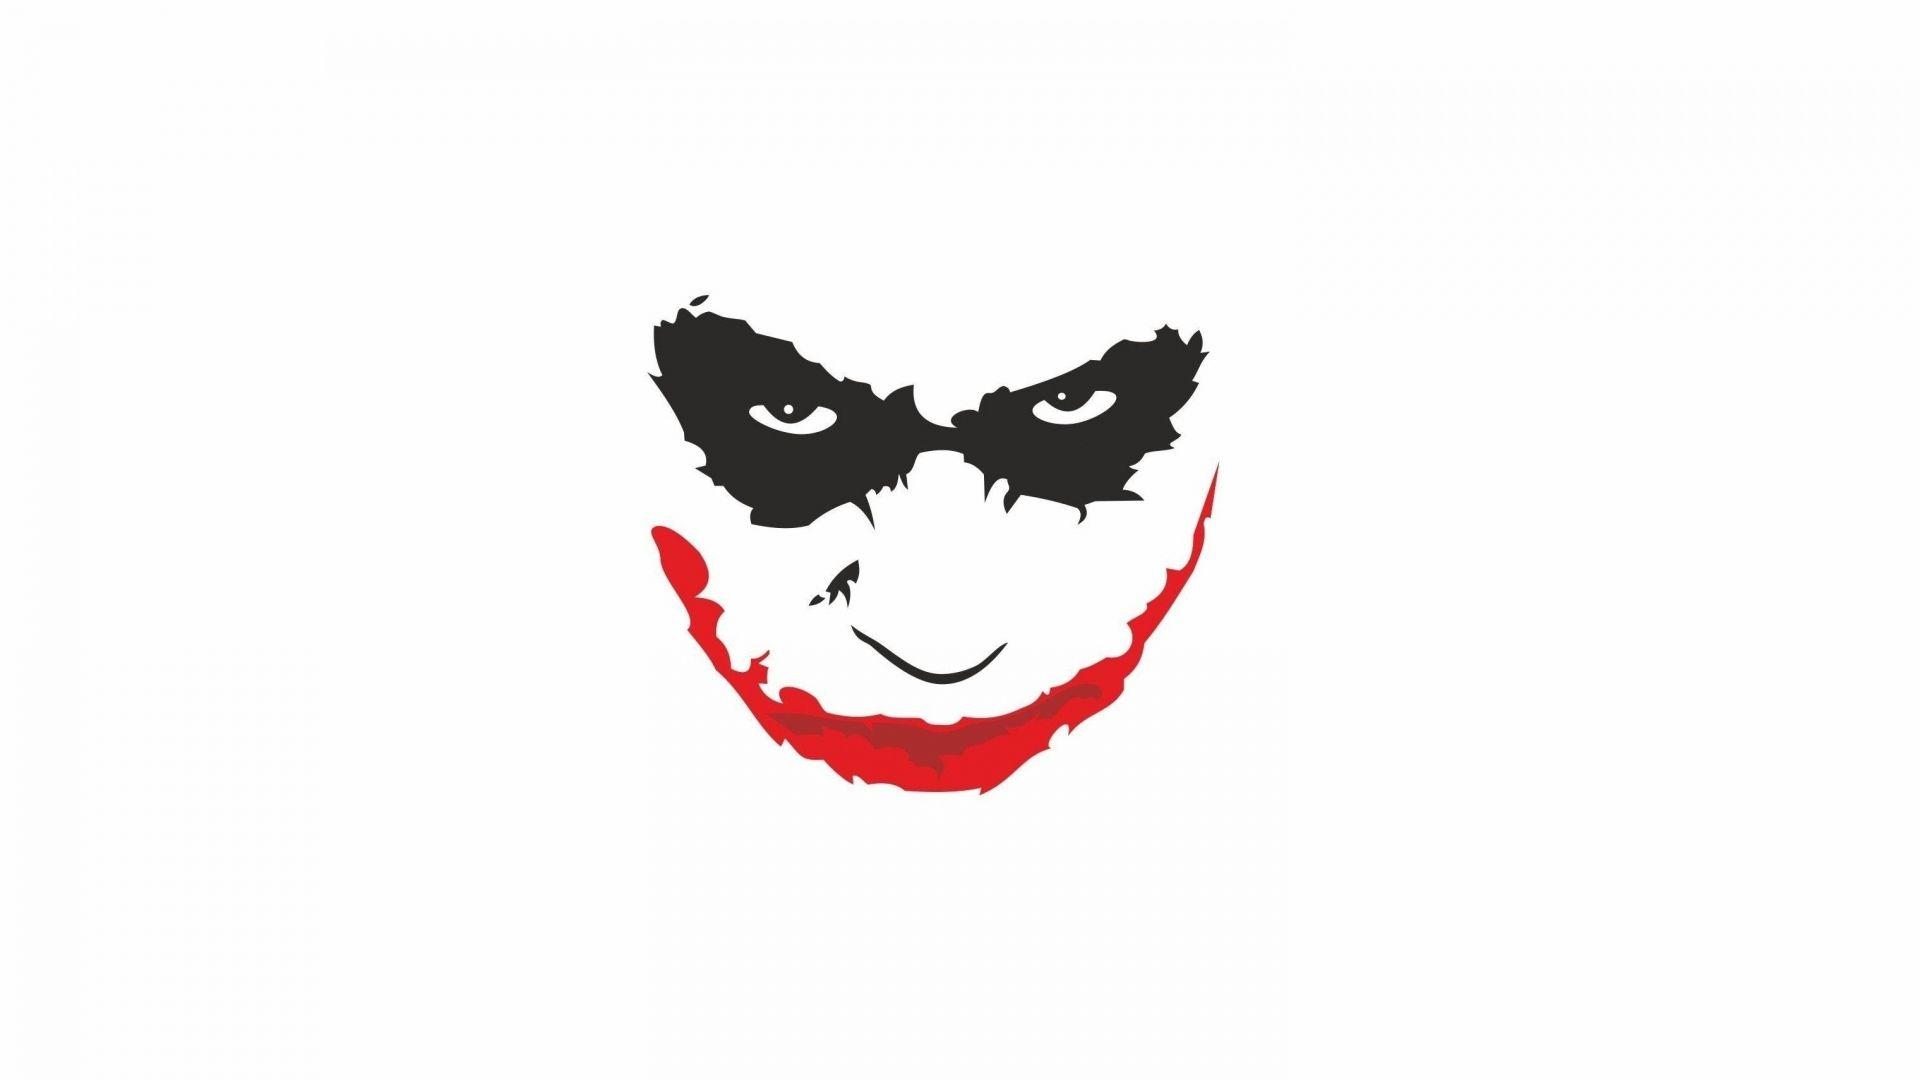 Download Wallpaper 1920x1080 Heath Ledger Smiling White Background Joker Full Hd 1080p Hd Background Joker Hd Wallpaper Joker Tattoo Design Joker Painting